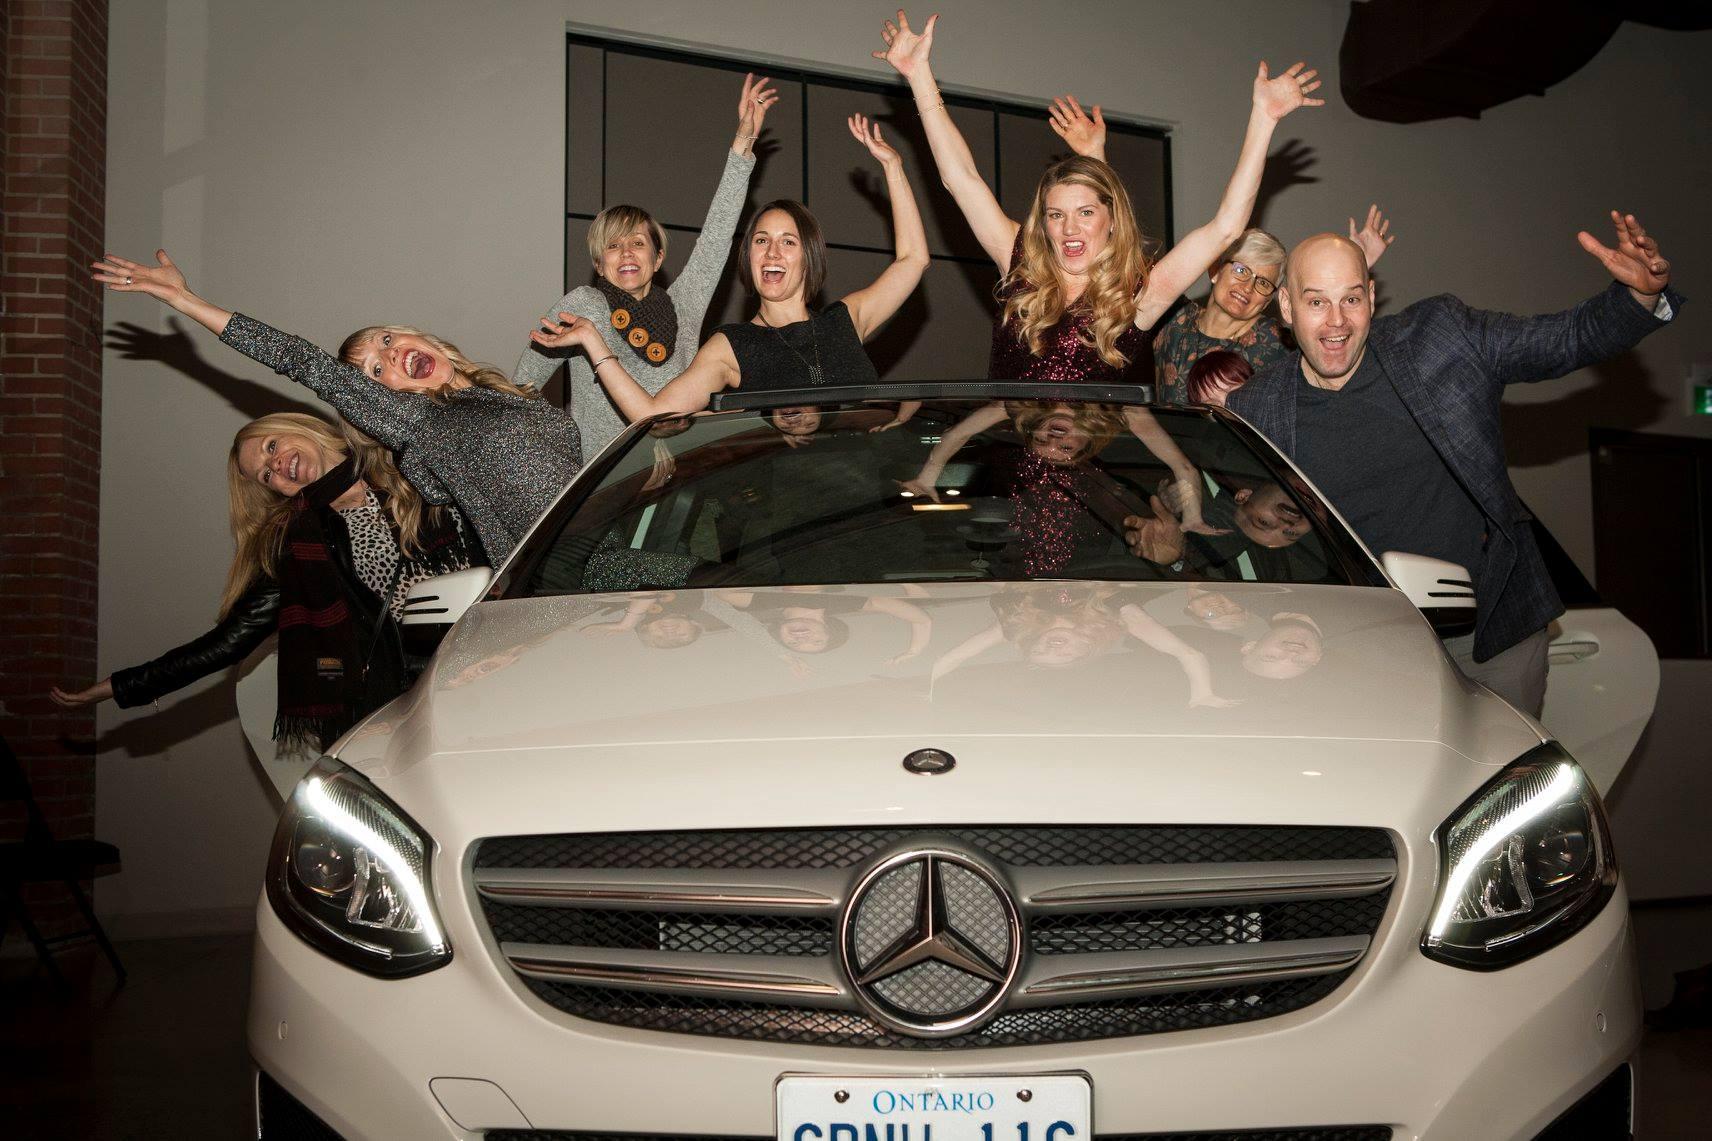 Arbonne Car Party